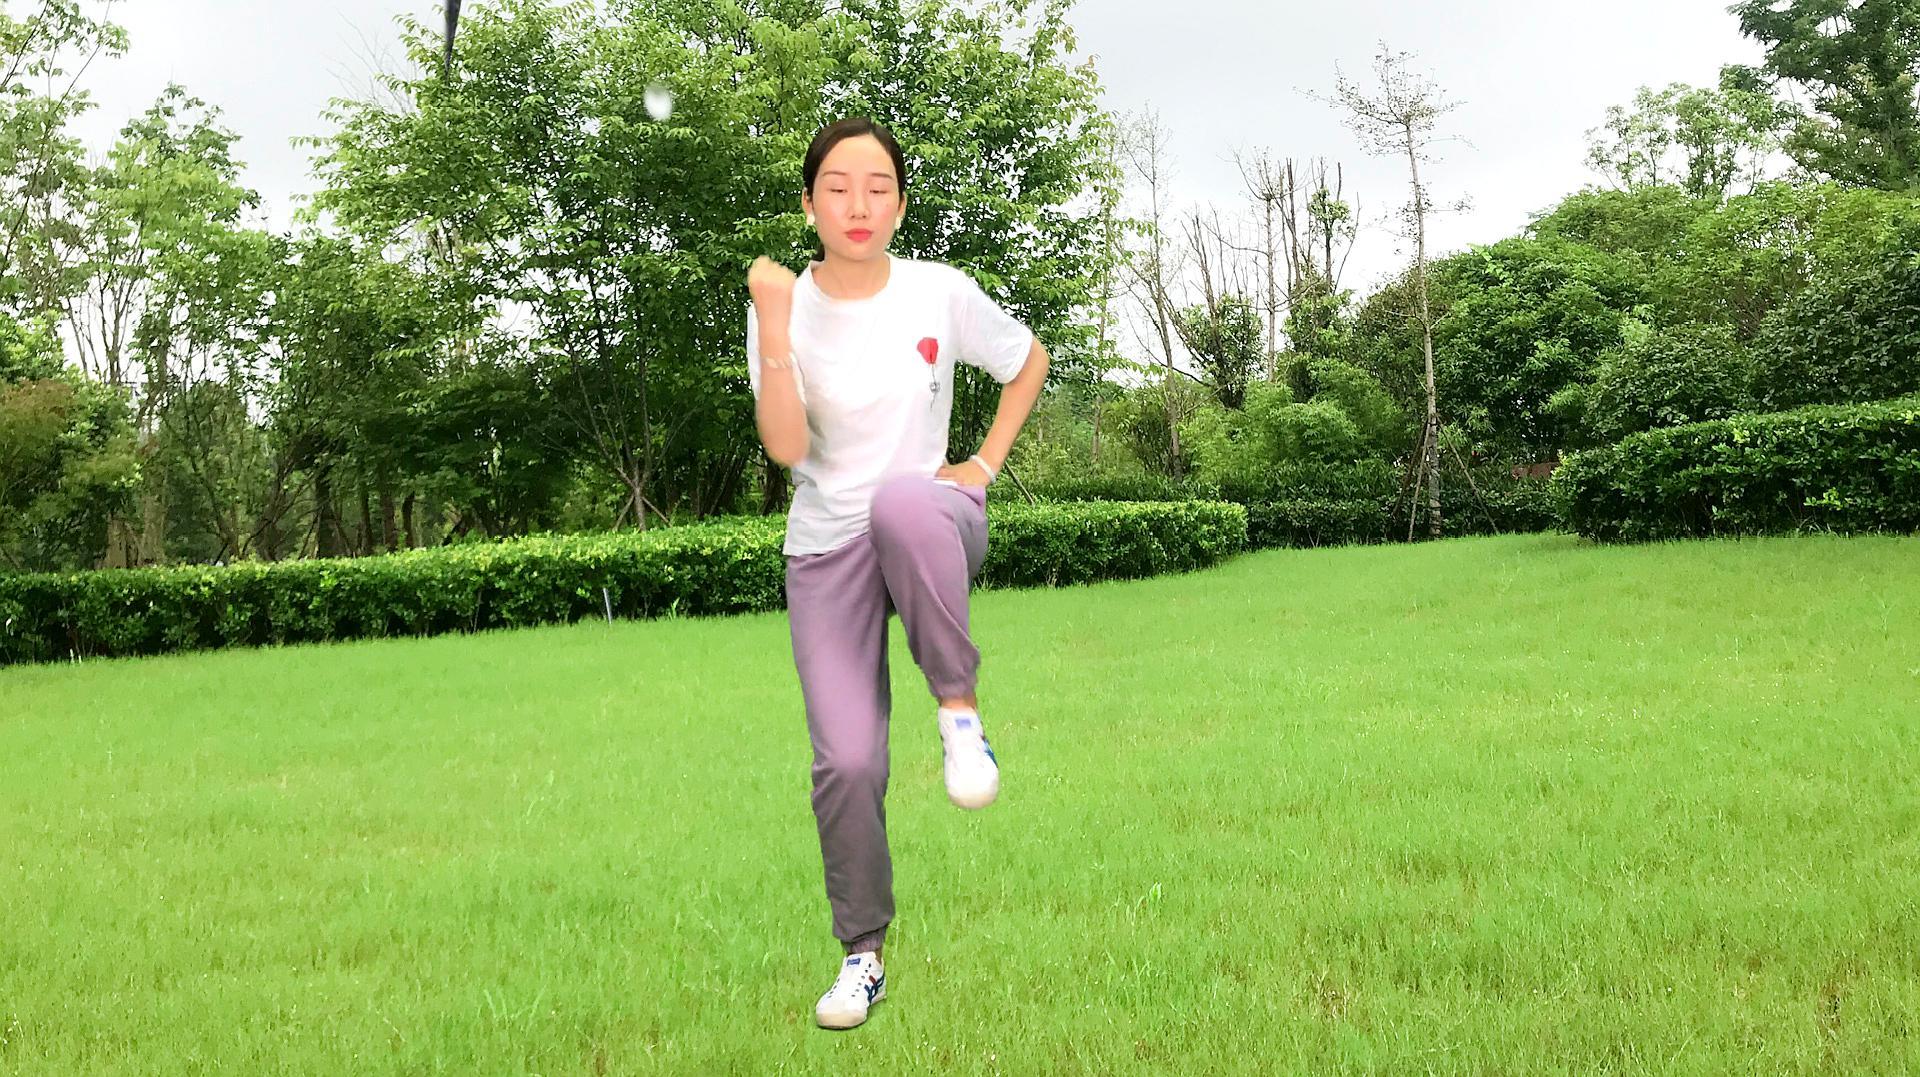 暴汗减肥瘦身操,每天可以360下,瘦腿,瘦肚子,瘦手臂练习喝v瘦腿雪碧吗图片